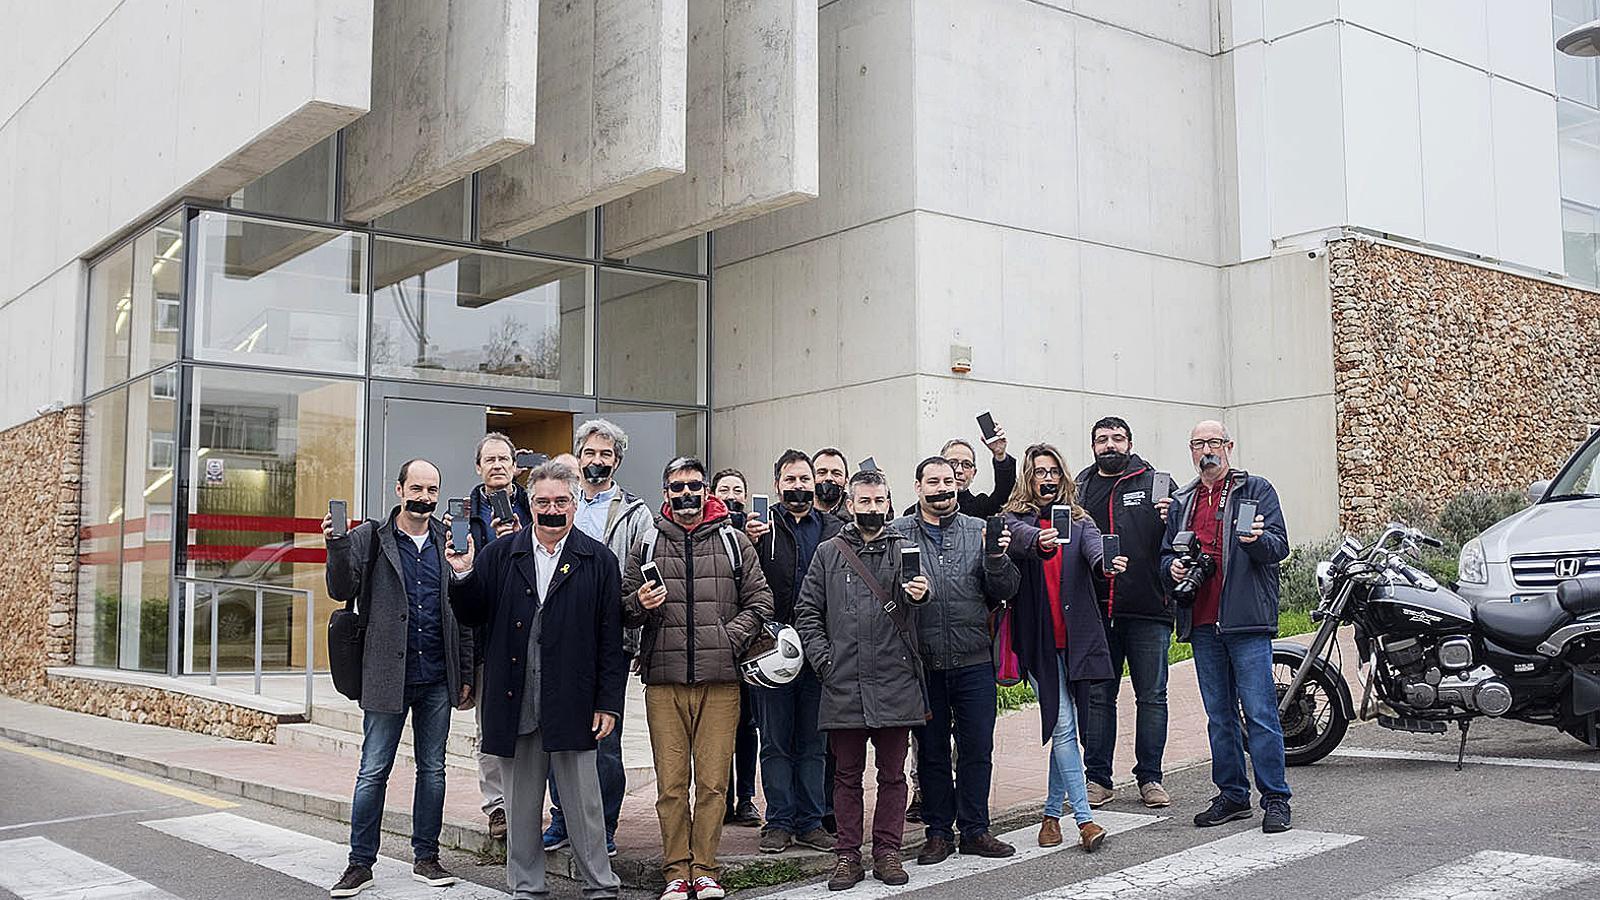 Imatge dels representants dels mitjans menorquins mostrant el mòbil per reivindicar els seus drets. / DAVID ARQUIMBAU